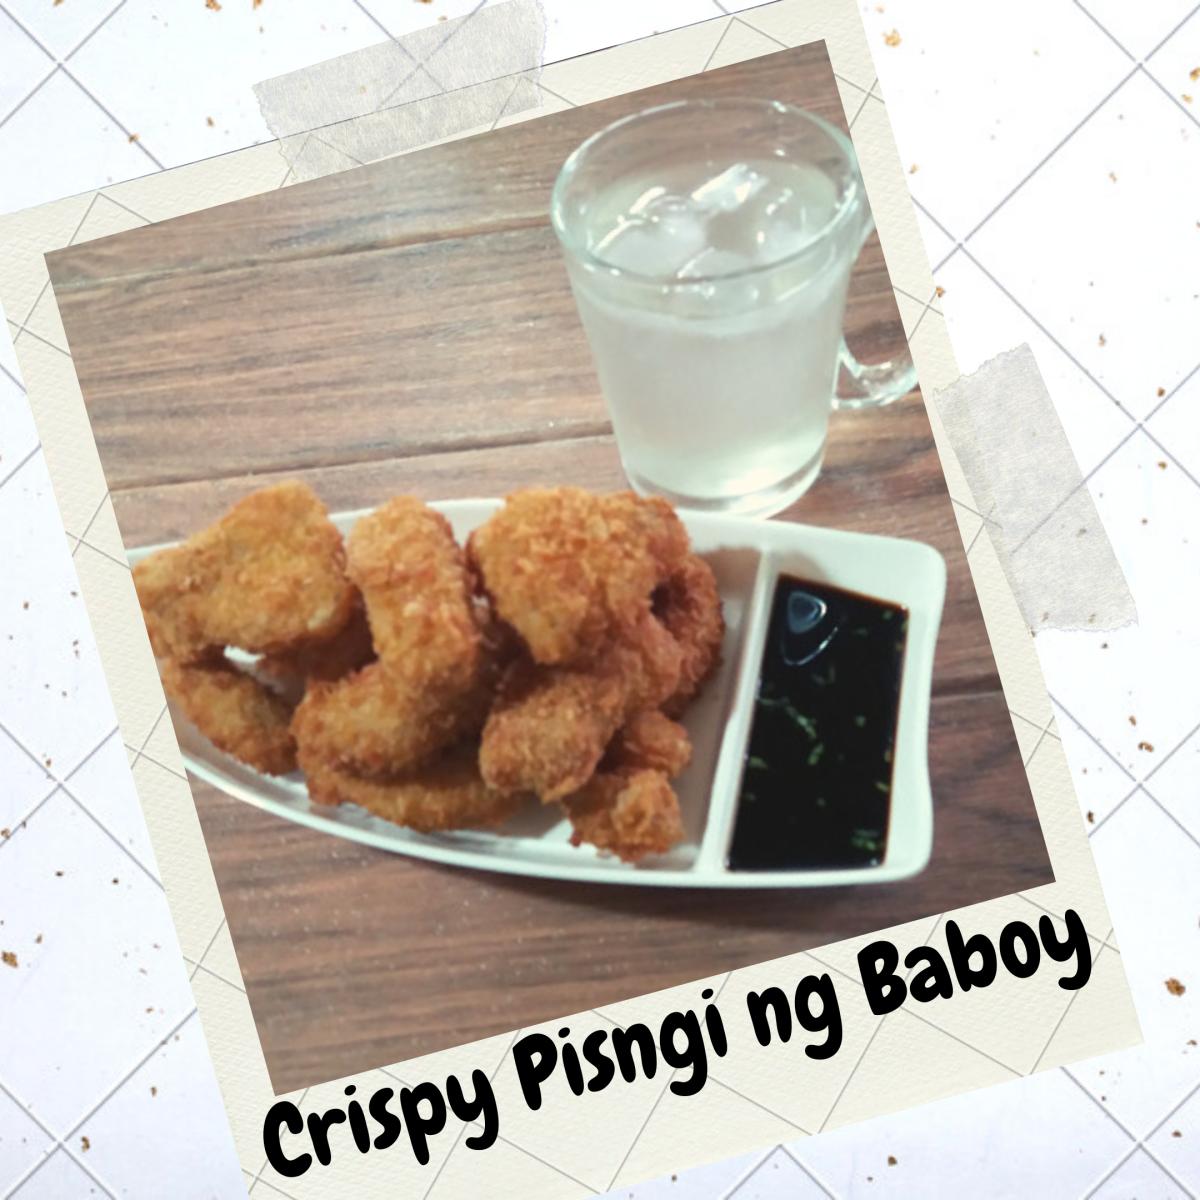 Crispy Pisngi ng Baboy: A Tasty Filipino Snack